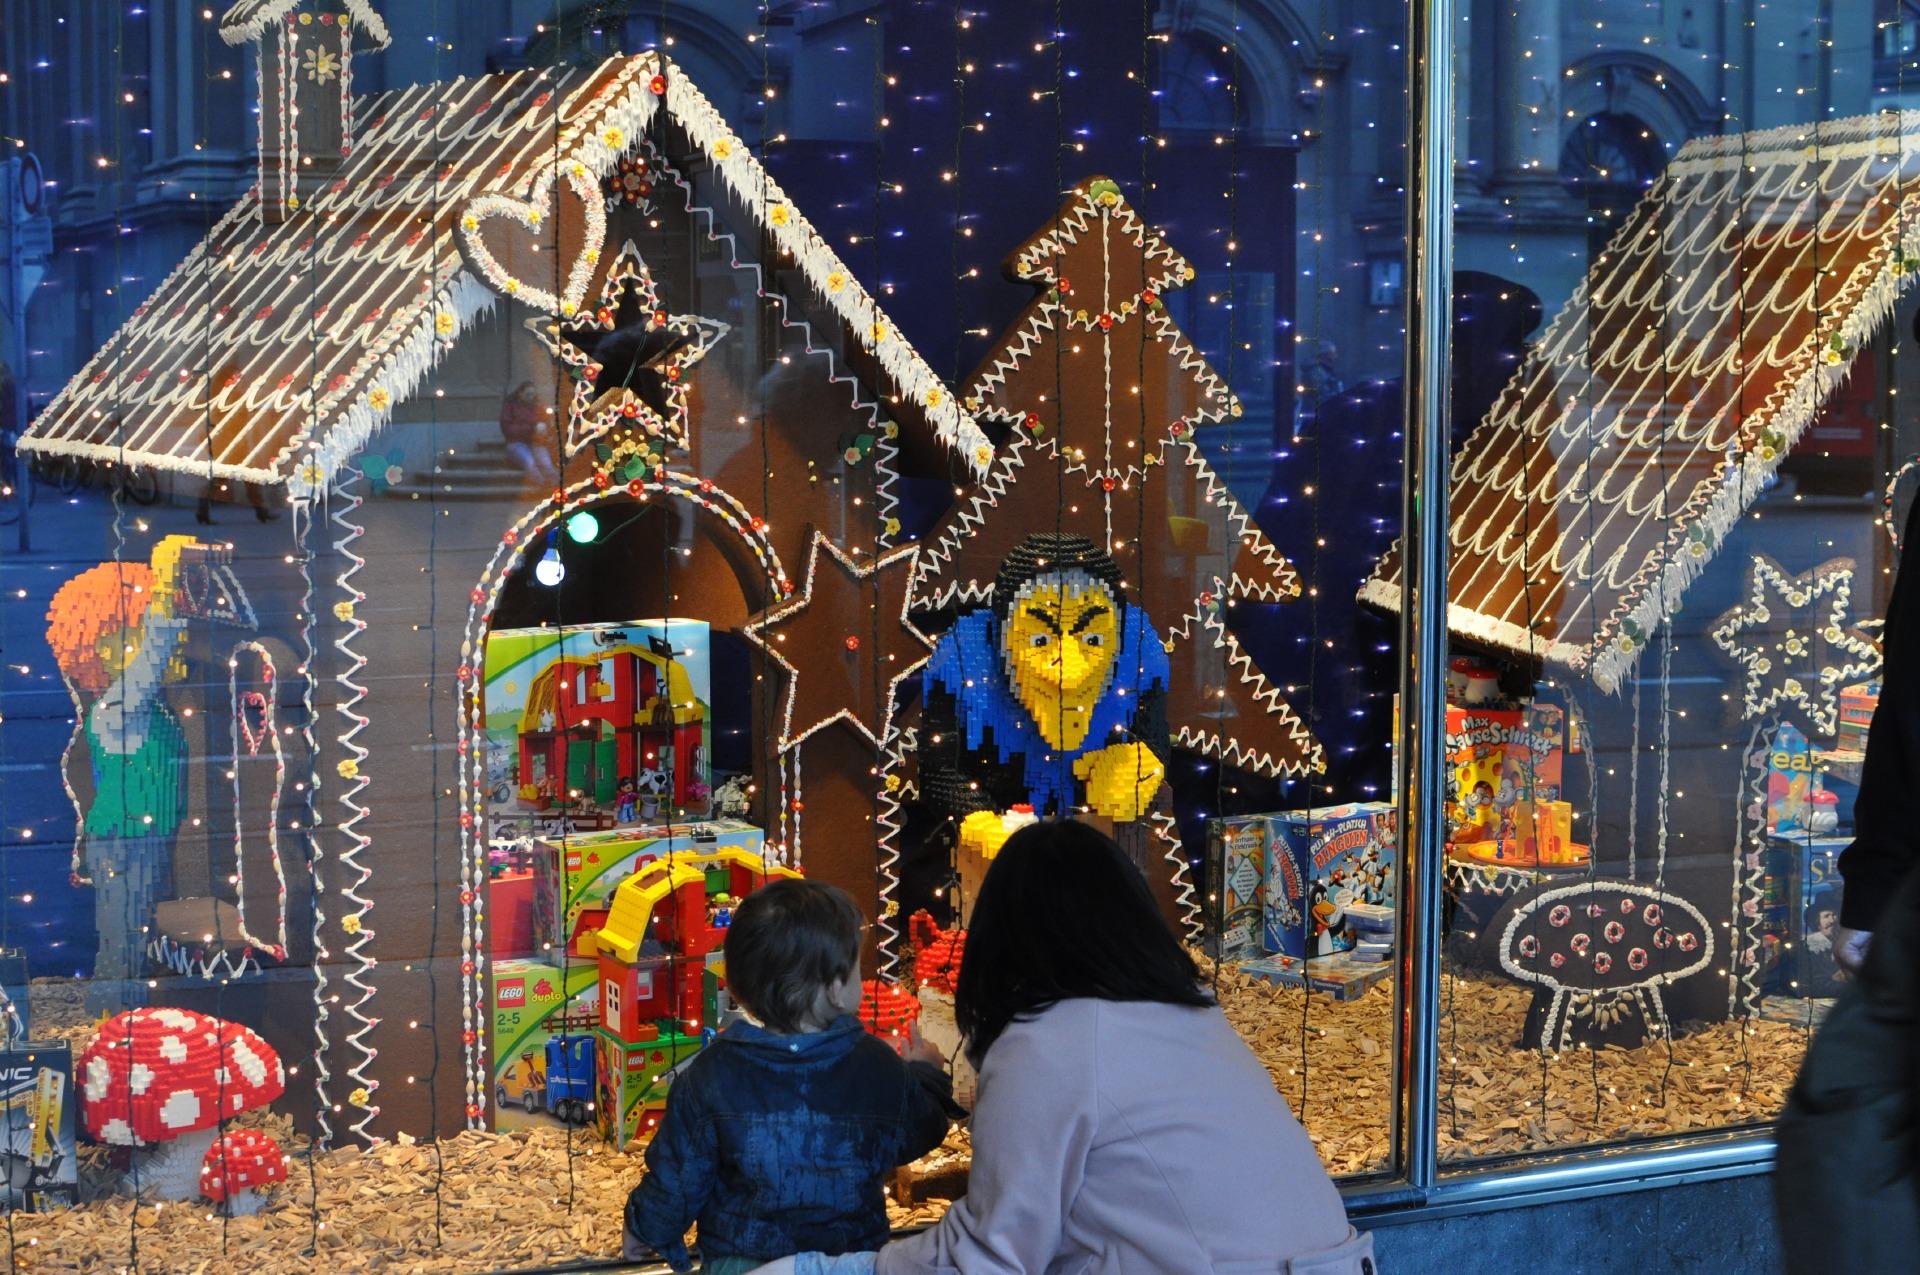 #9F6D2C Satan Et Son étoile Part 2 6135 decoration de noel vitrine magasin 1920x1275 px @ aertt.com